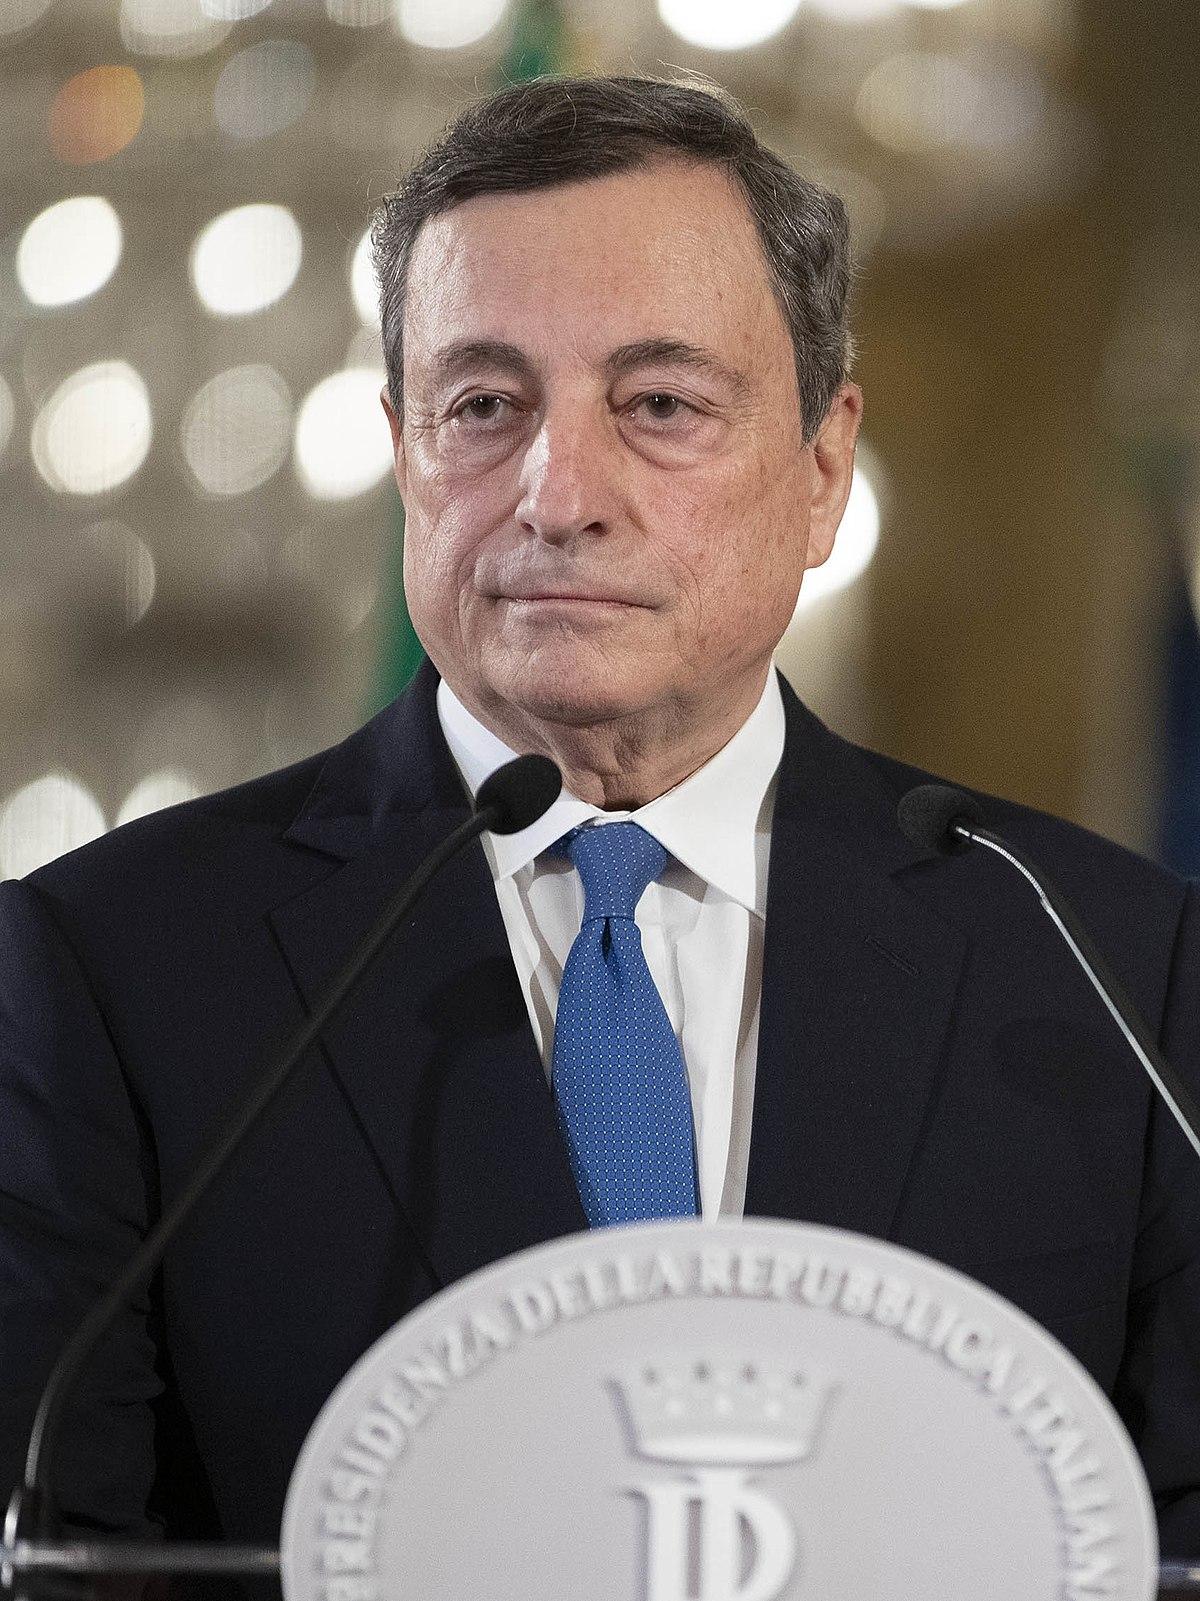 Risultato immagini per immagine e foto  di draghi premier italiano